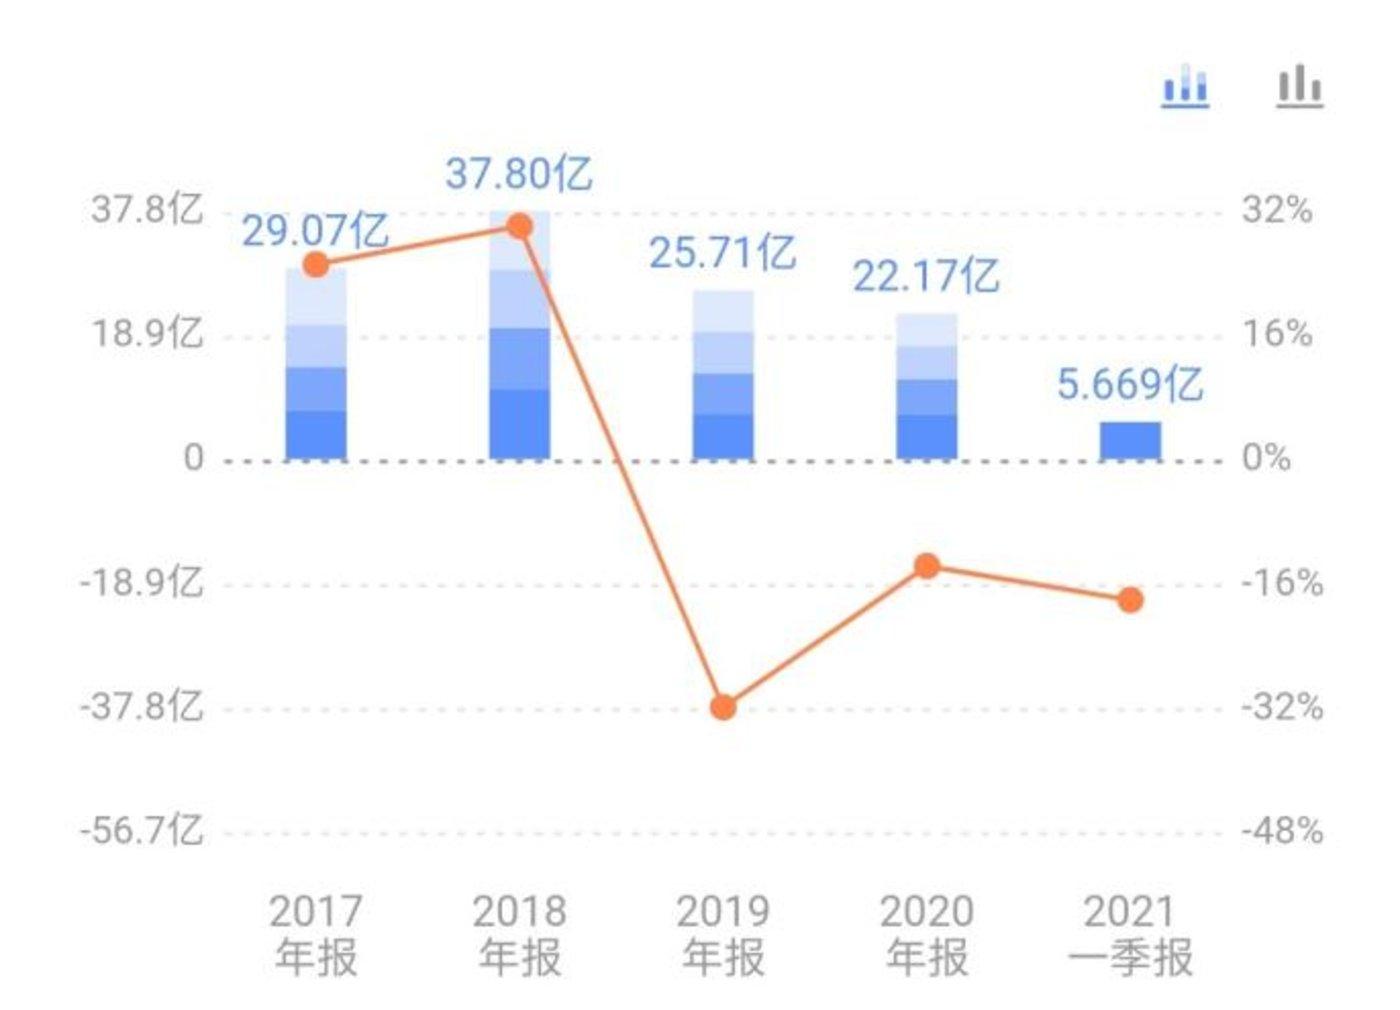 巨人网络营业收入呈现萎缩之势